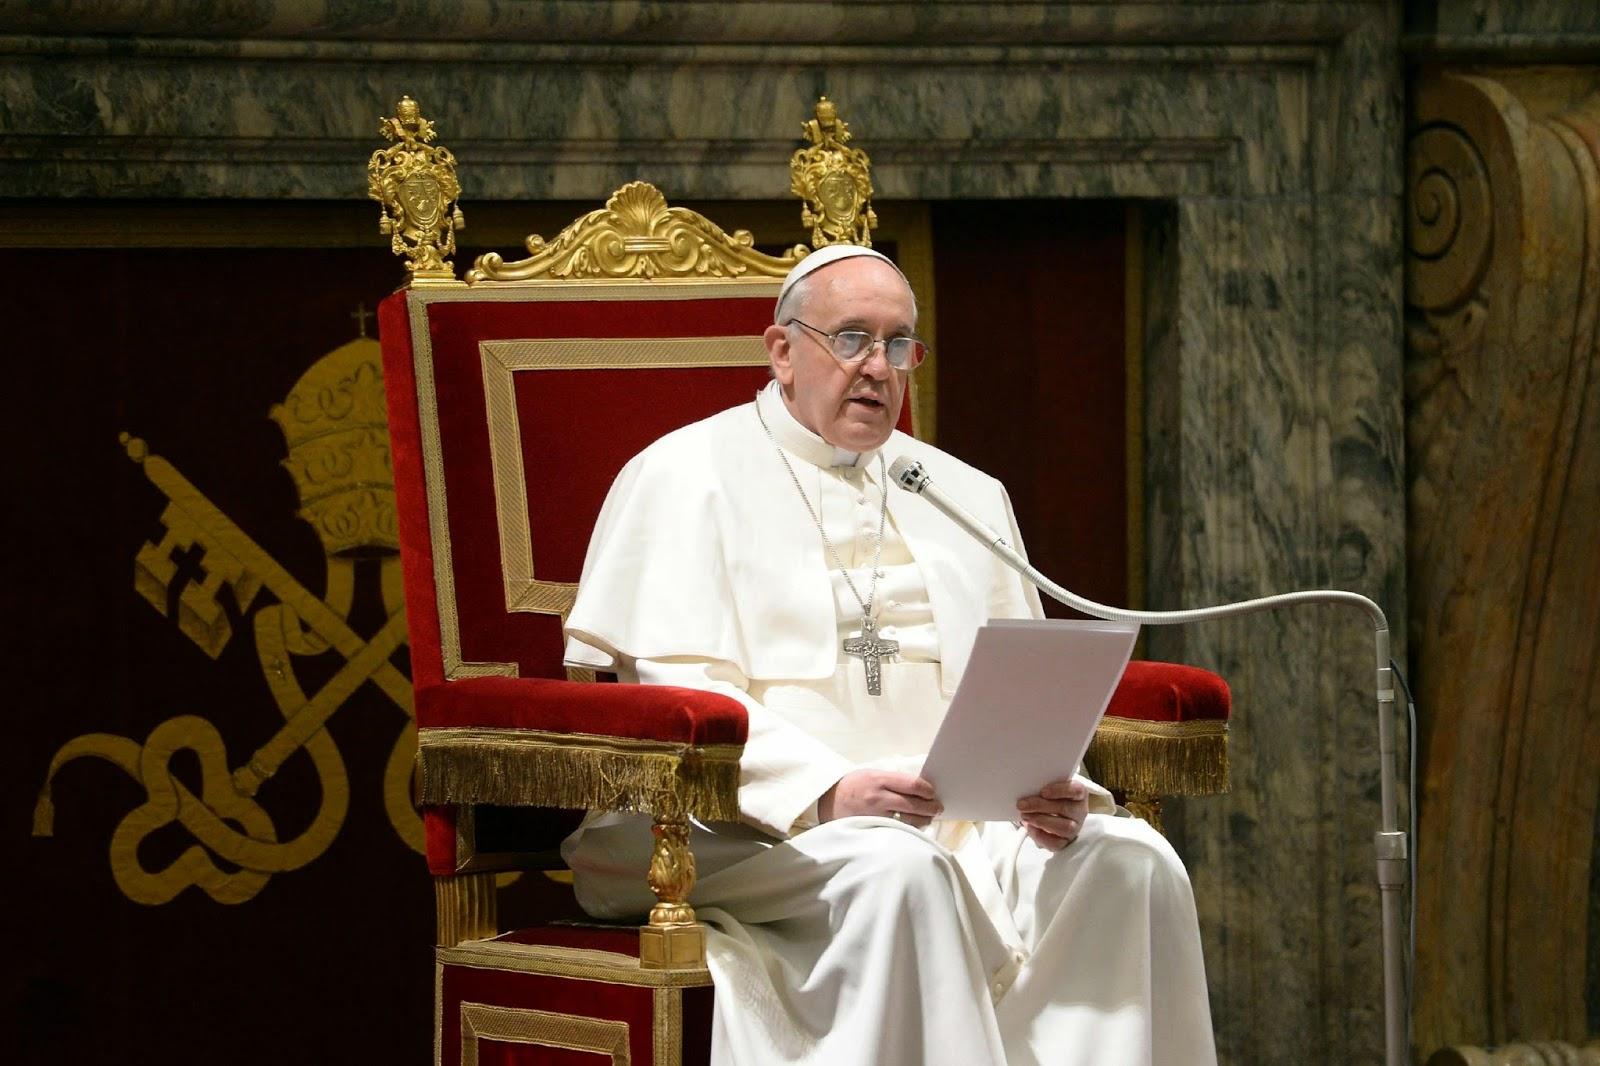 """<img src=""""http://2.bp.blogspot.com/-ooPJF_FmC7s/U5c-aATlbKI/AAAAAAAAANM/0YwvwhHrHR4/s1600/pope-francis.jpg"""" alt=""""Most Powerful People in the World"""" />"""